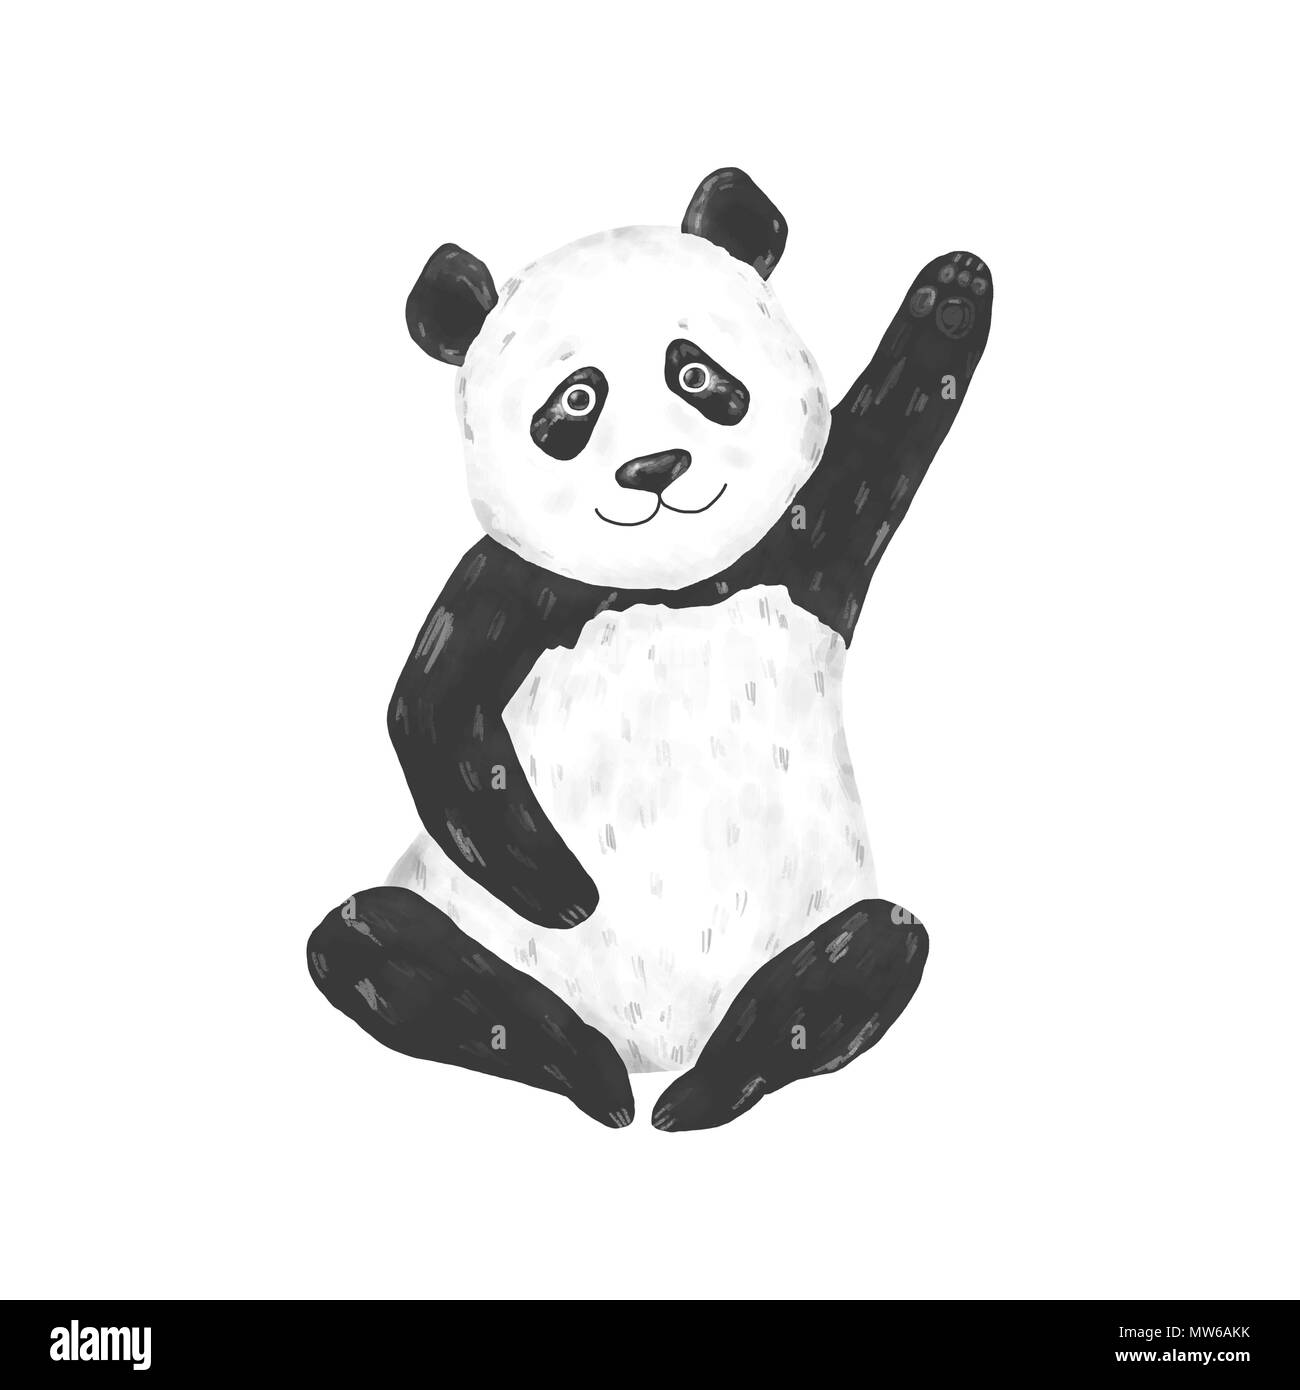 Clip Art Panda Animal Dessin Ours Noir Personnage Drôle